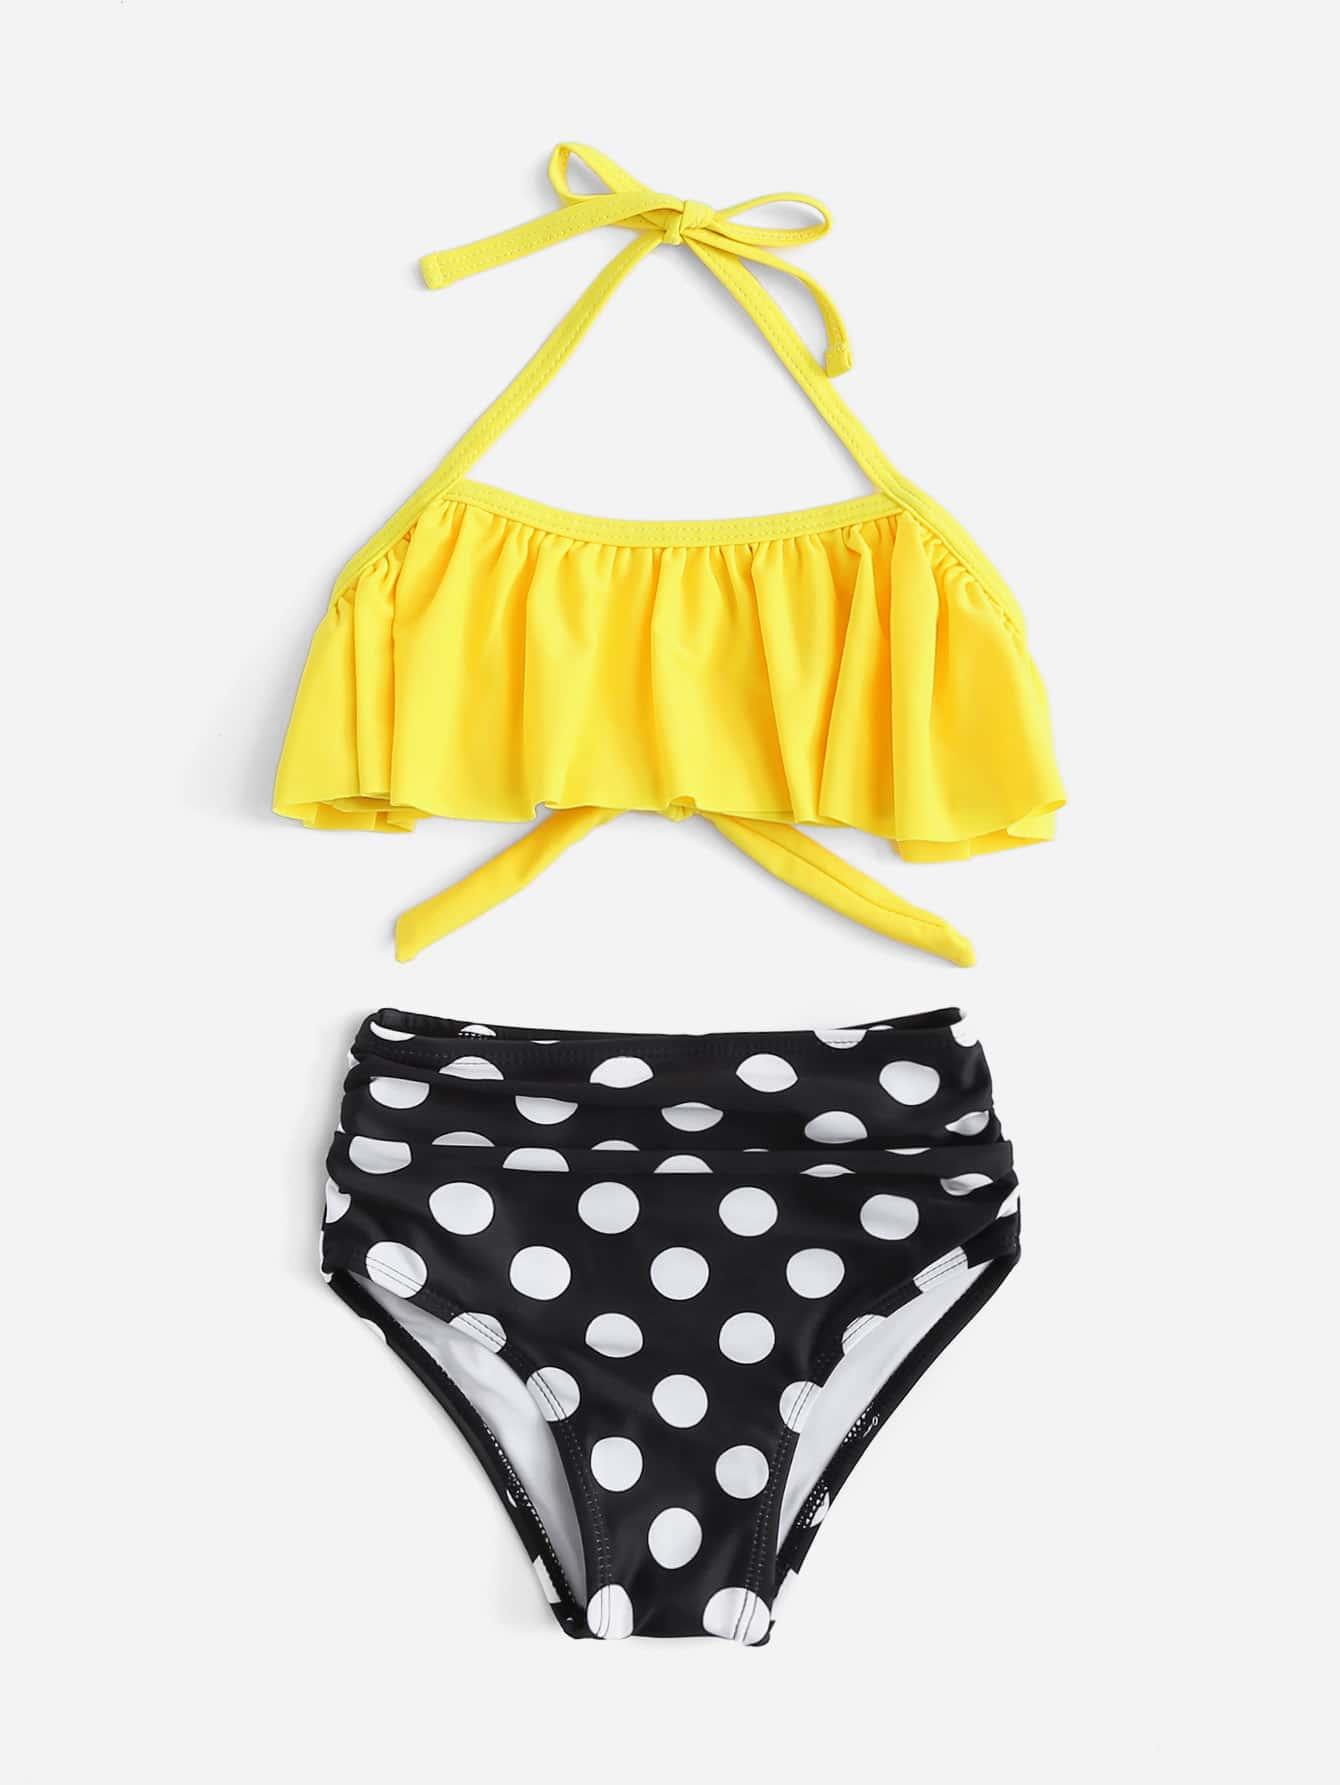 Girls Polka Dot Ruffle Bikini Set floral polka dot bikini set